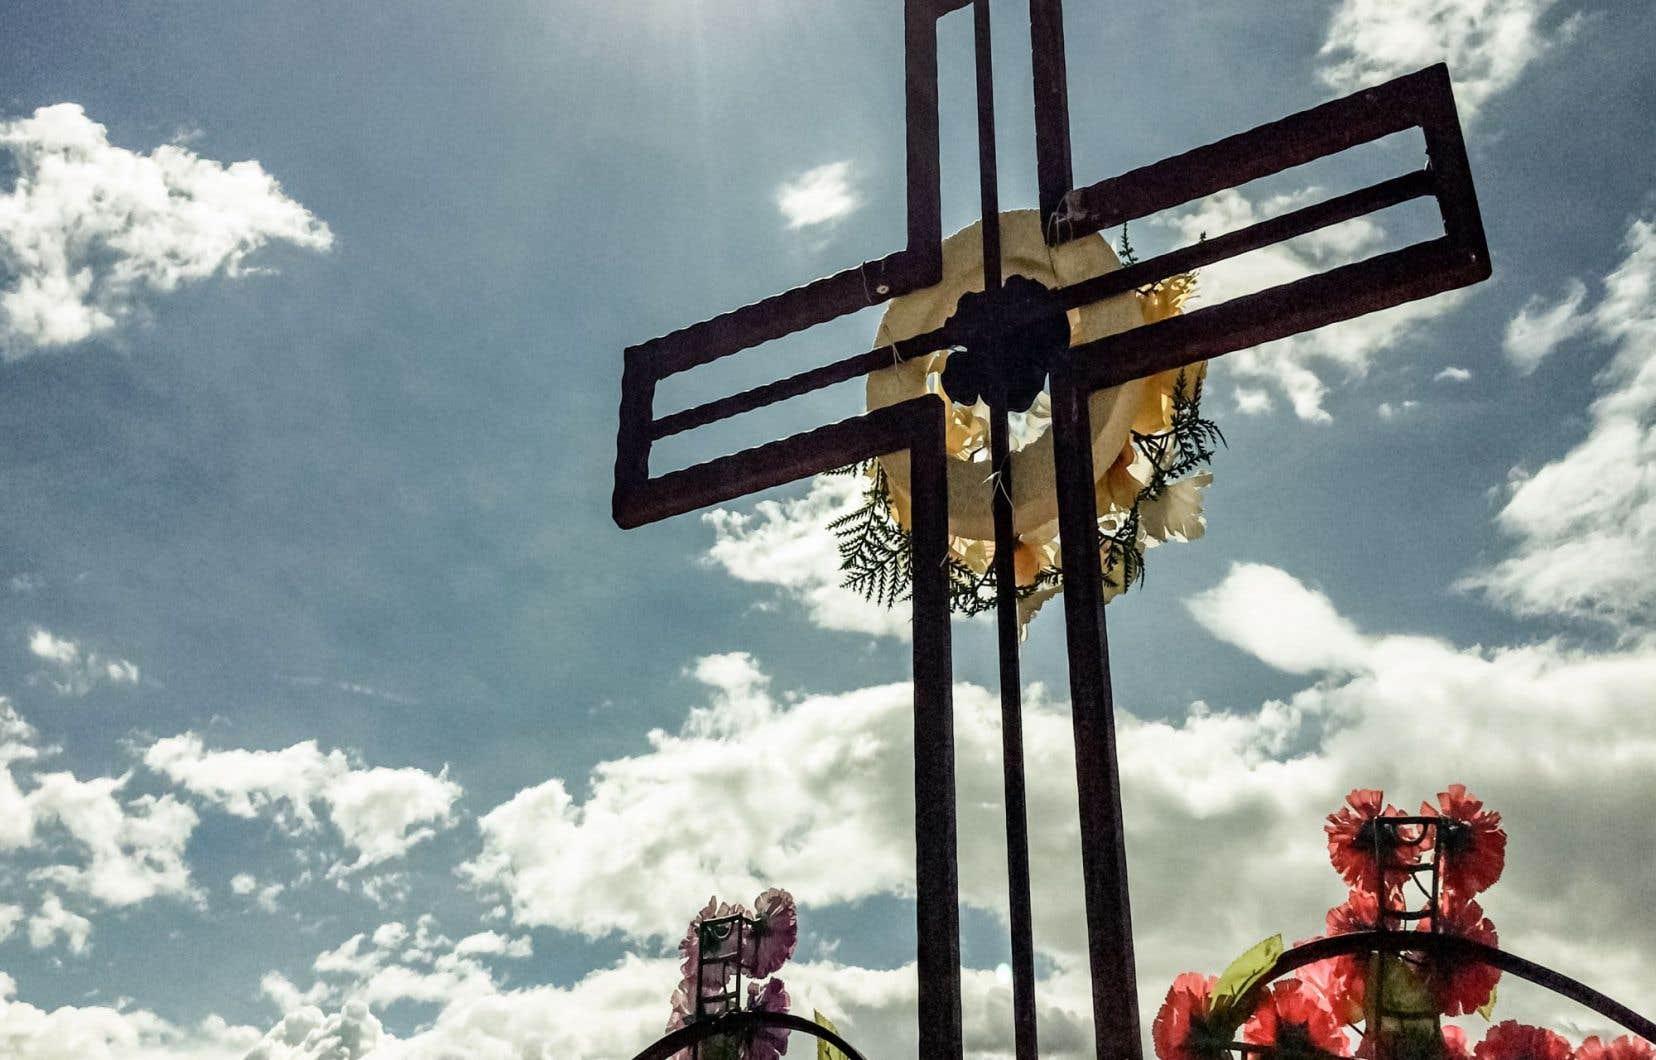 Les évêques de l'Ouest canadien font valoir que l'aide à mourir diffère du cas des personnes ayant commis le suicide puisqu'on reconnaît aujourd'hui que ce geste irréparable découle d'une détresse psychologique ou d'une maladie mentale.